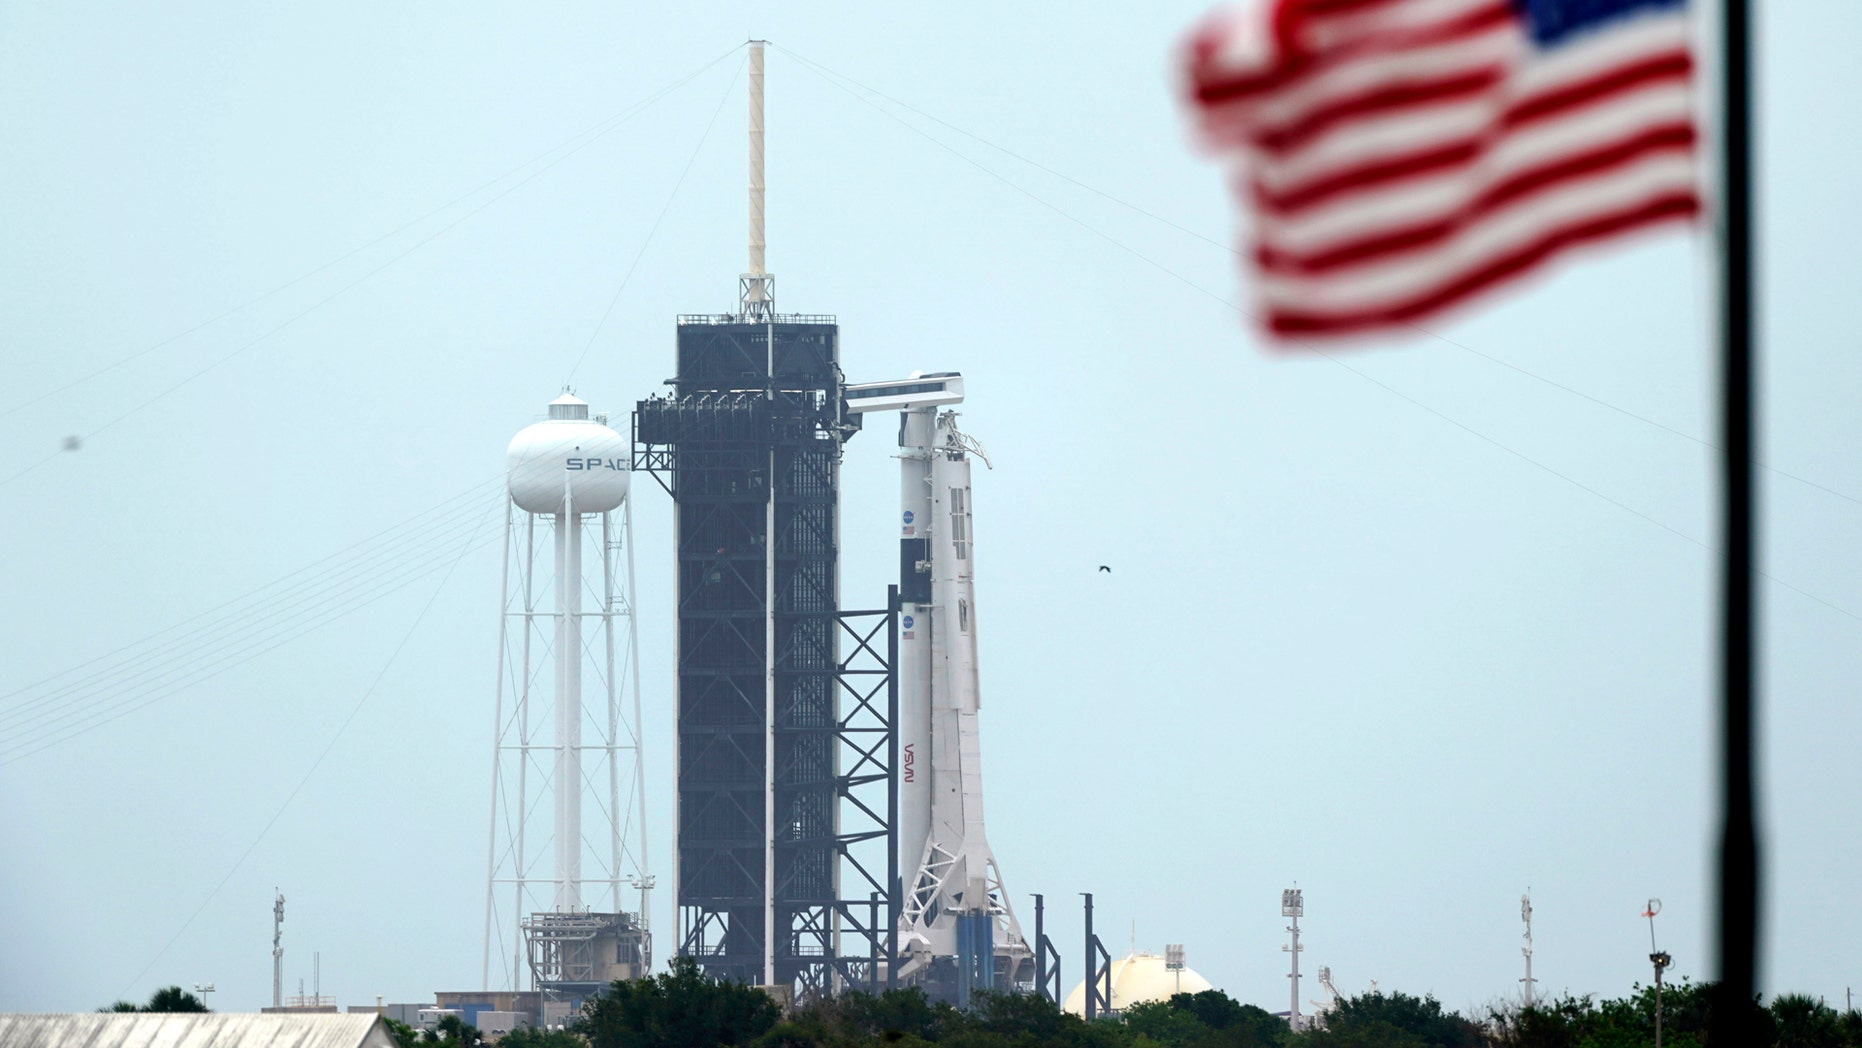 https://a57.foxnews.com/static.foxnews.com/foxnews.com/content/uploads/2020/05/1862/1048/SpaceXNASALaunch4.jpg